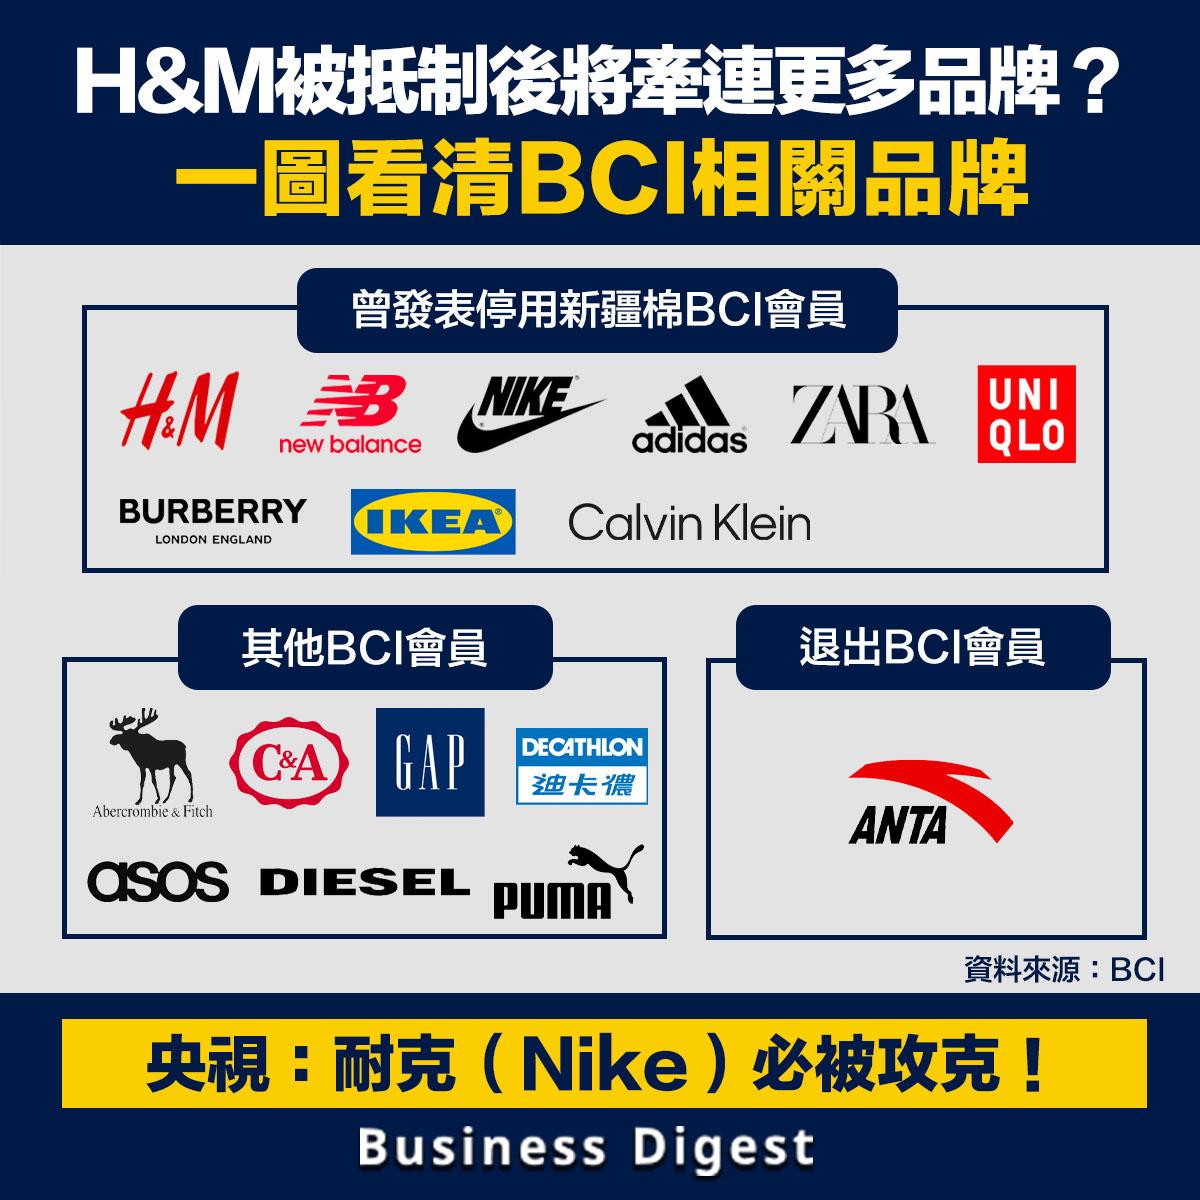 官媒《環球時報》注意到該公司的聲明或是基於瑞士良好棉花發展協會(BCI)的判斷以及「所謂民間報告」而作出